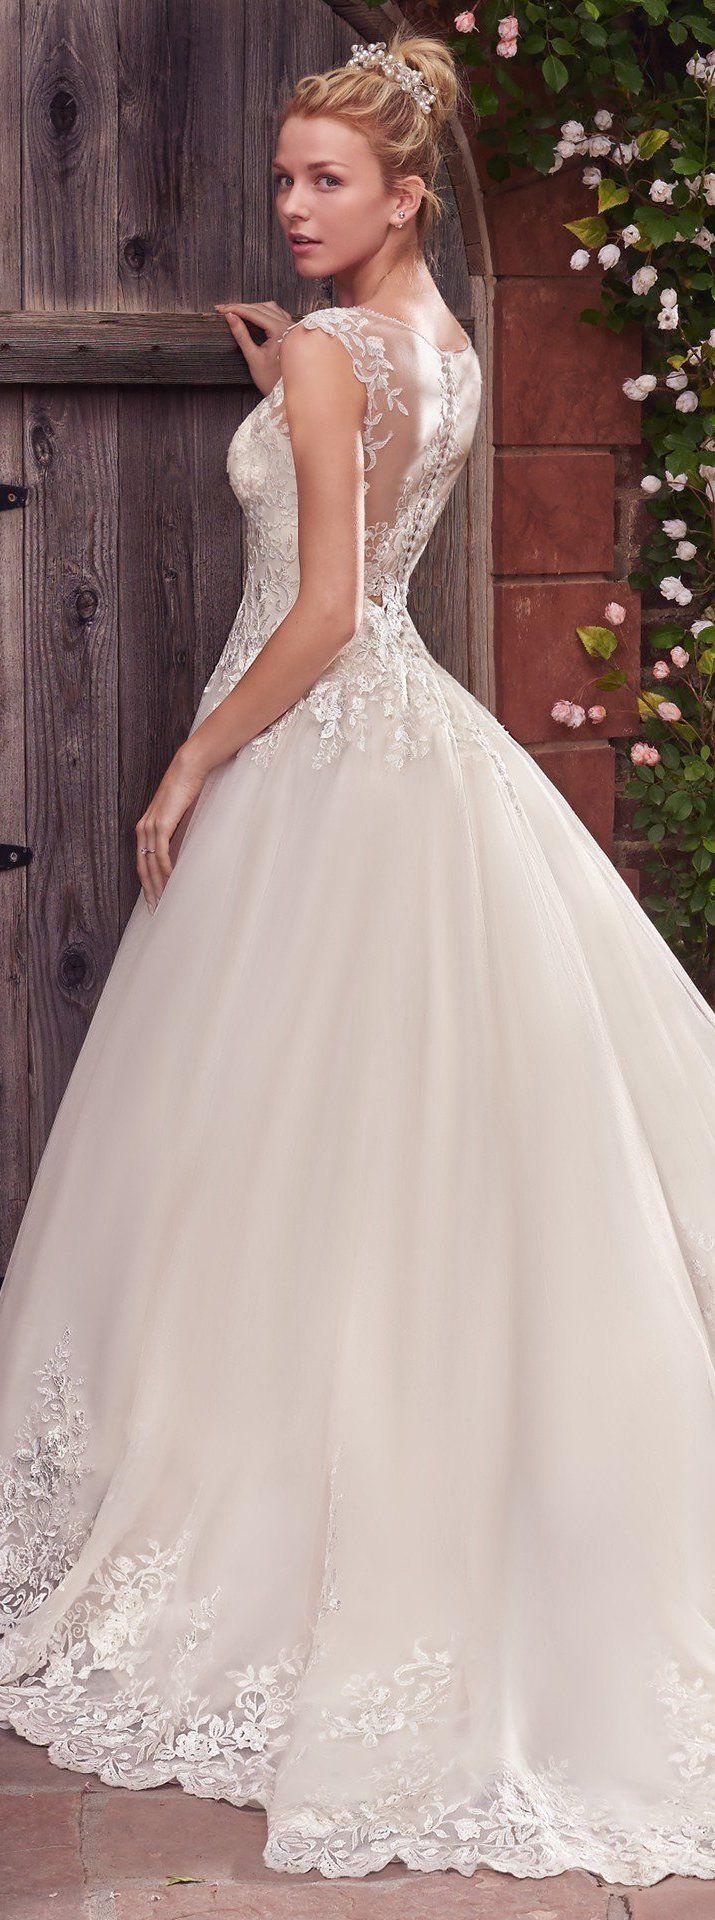 51 best affordable wedding dresses images on pinterest affordable maggie sottero wedding dresses junglespirit Images